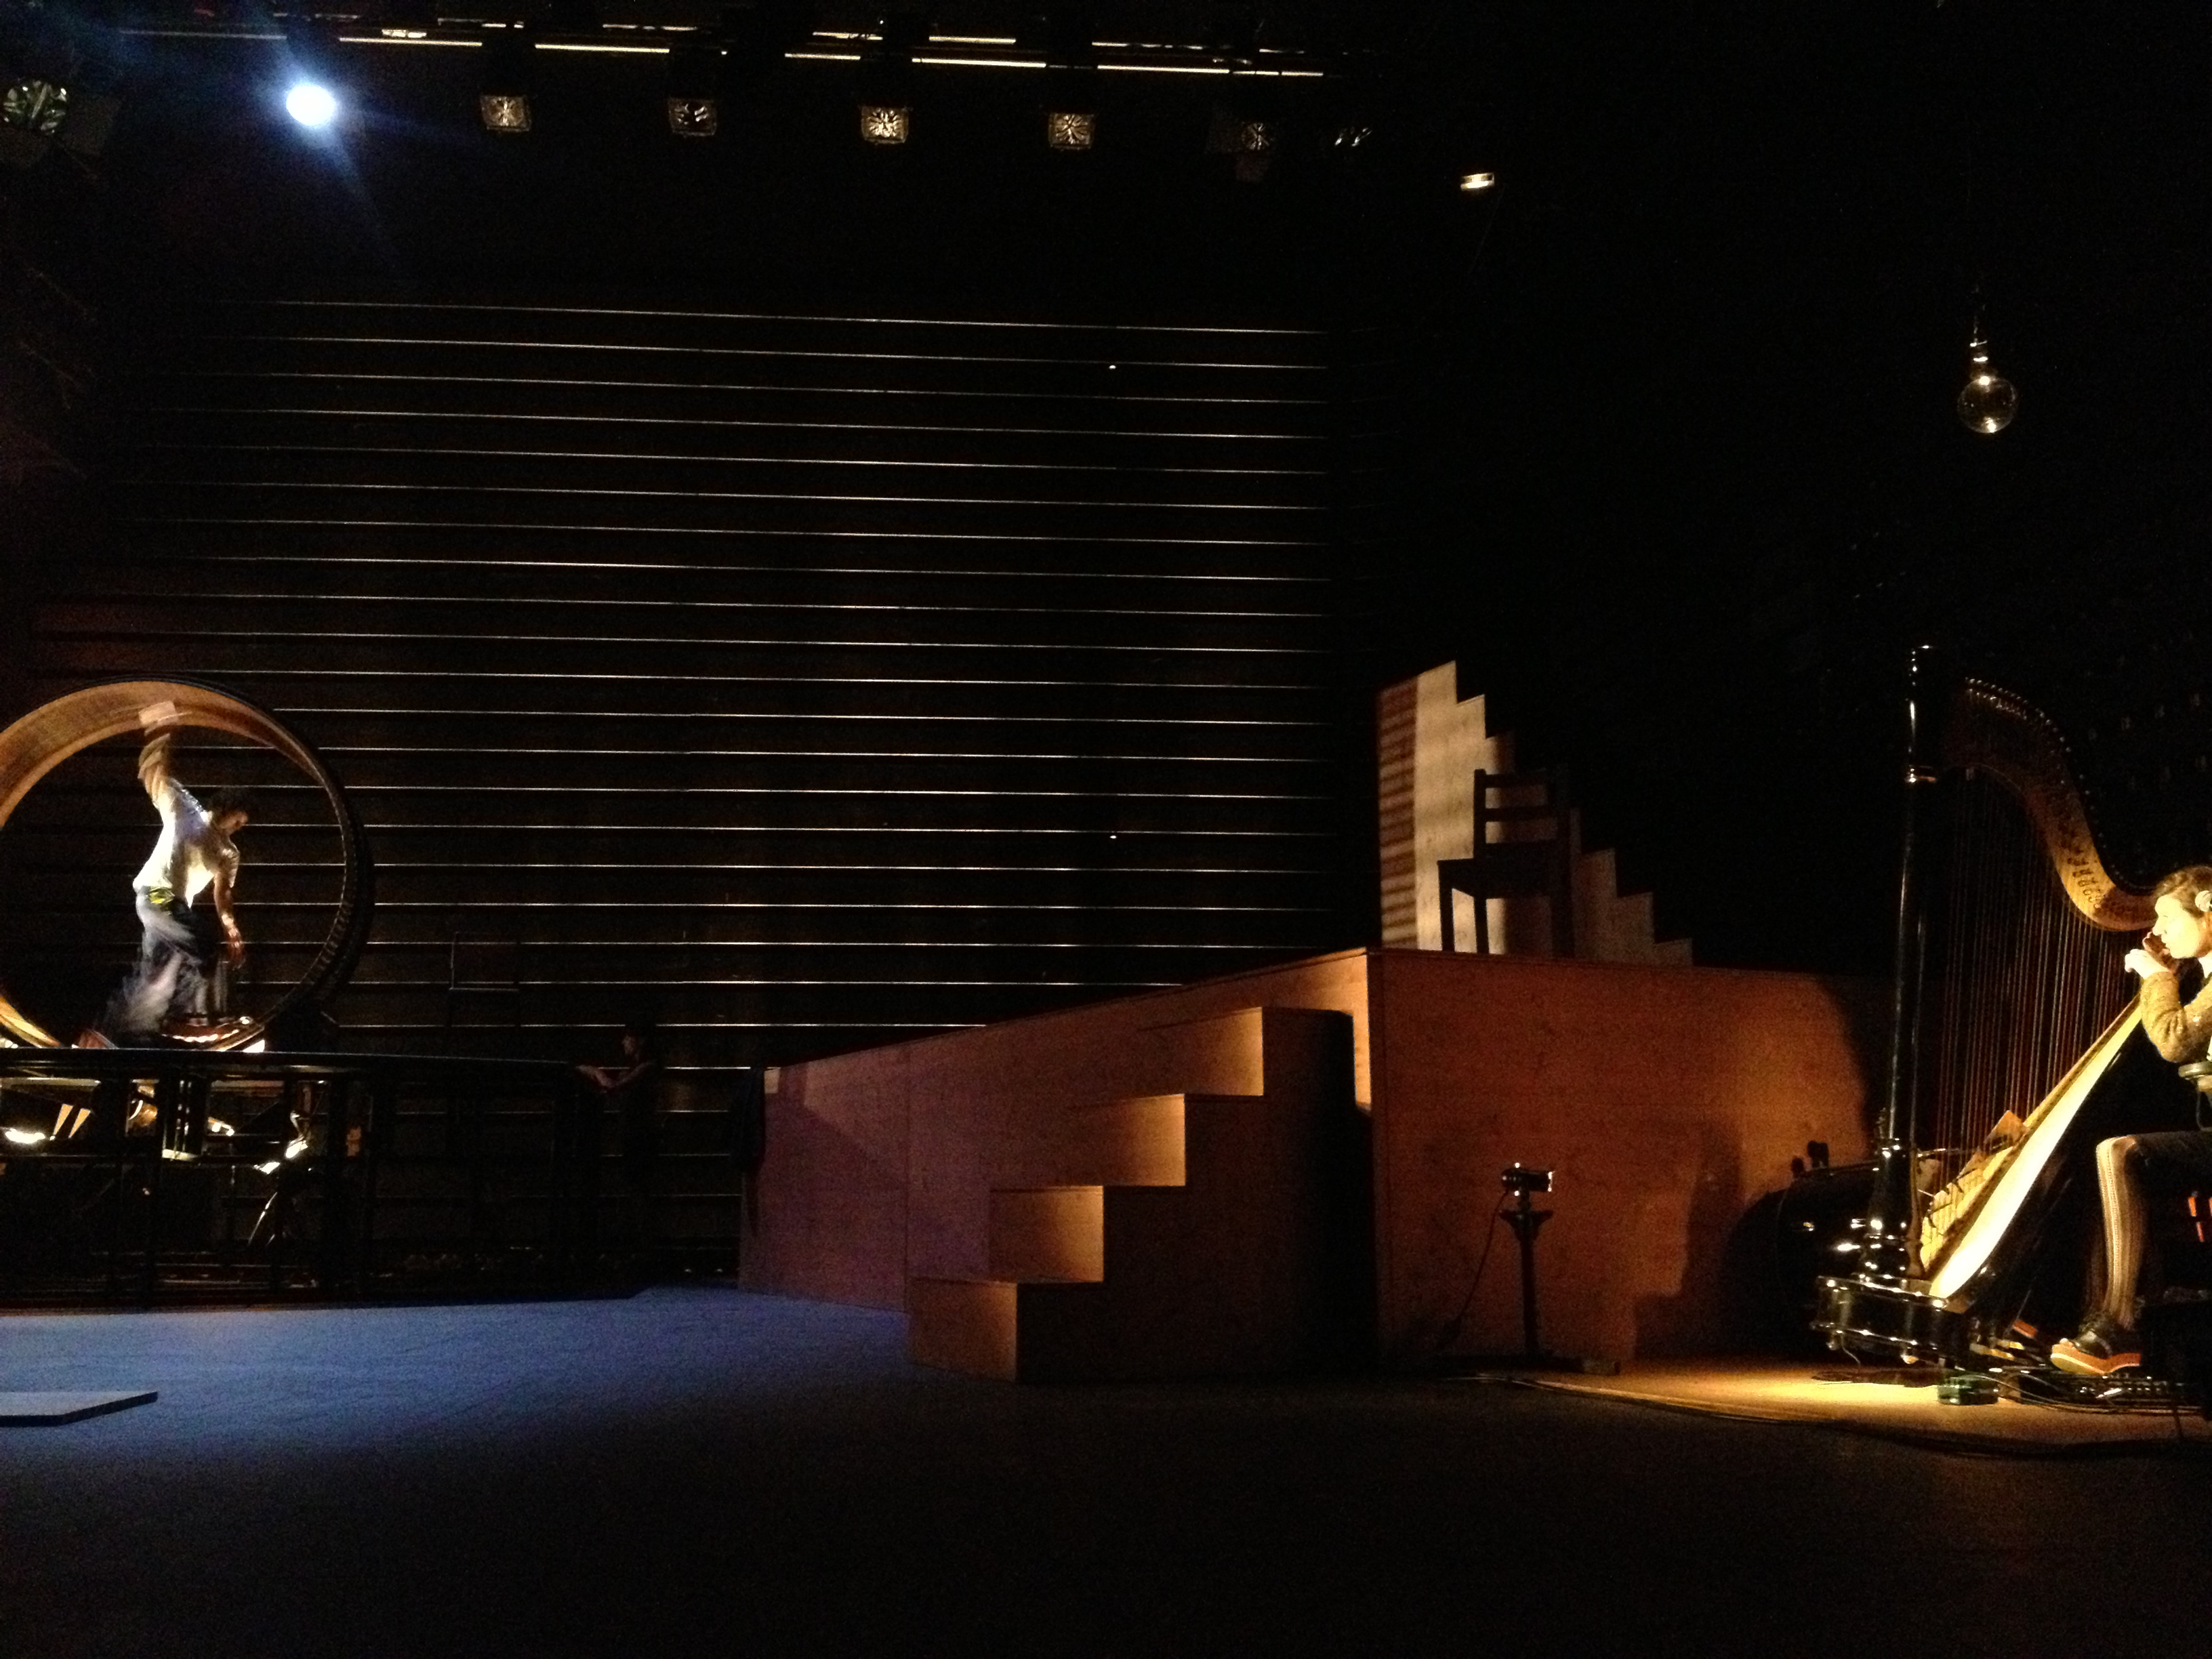 Minuit, théâtre des Abbesses